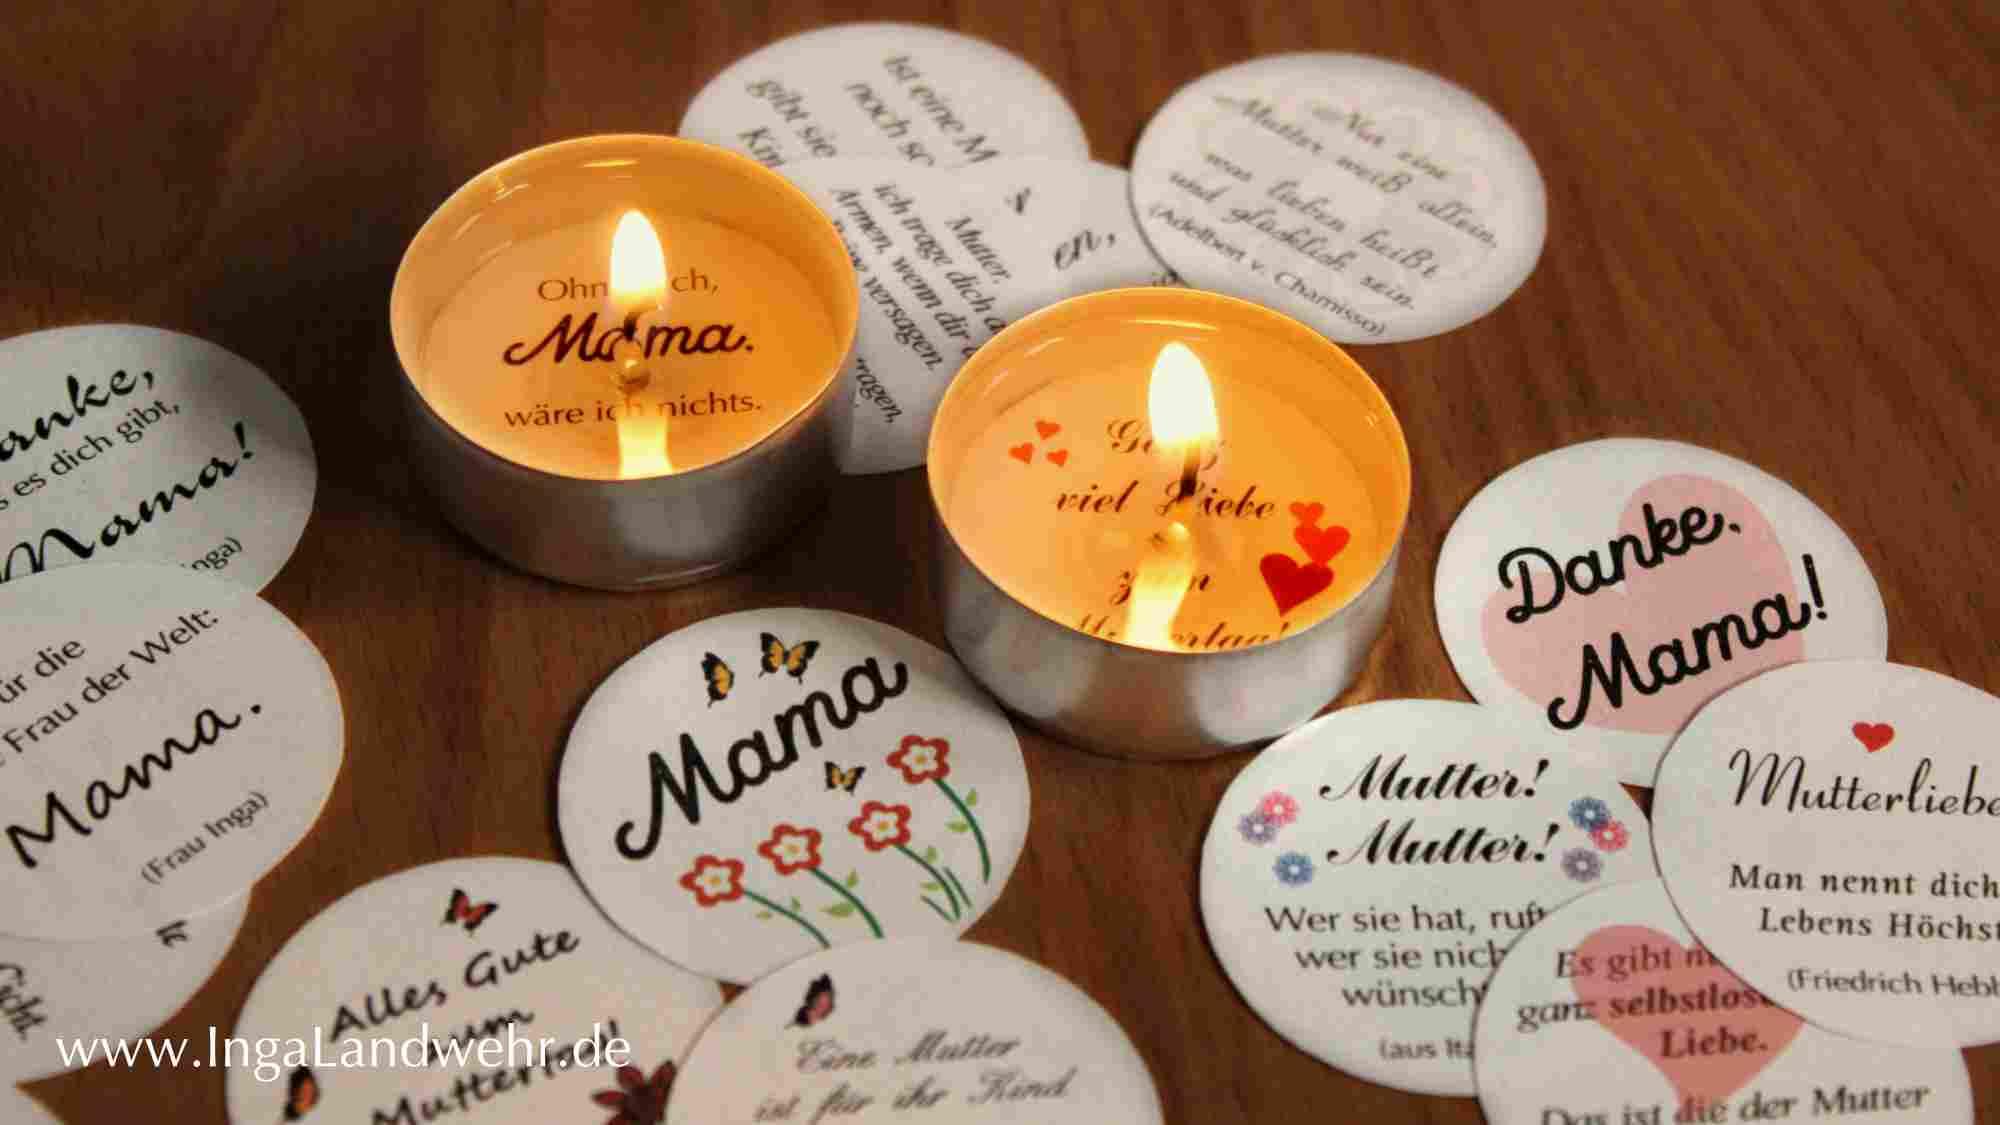 Zwei brennende Glücksteelichter mit Zitaten zum Muttertag. Davor liegen weitere Glückszitate zum Muttertag.